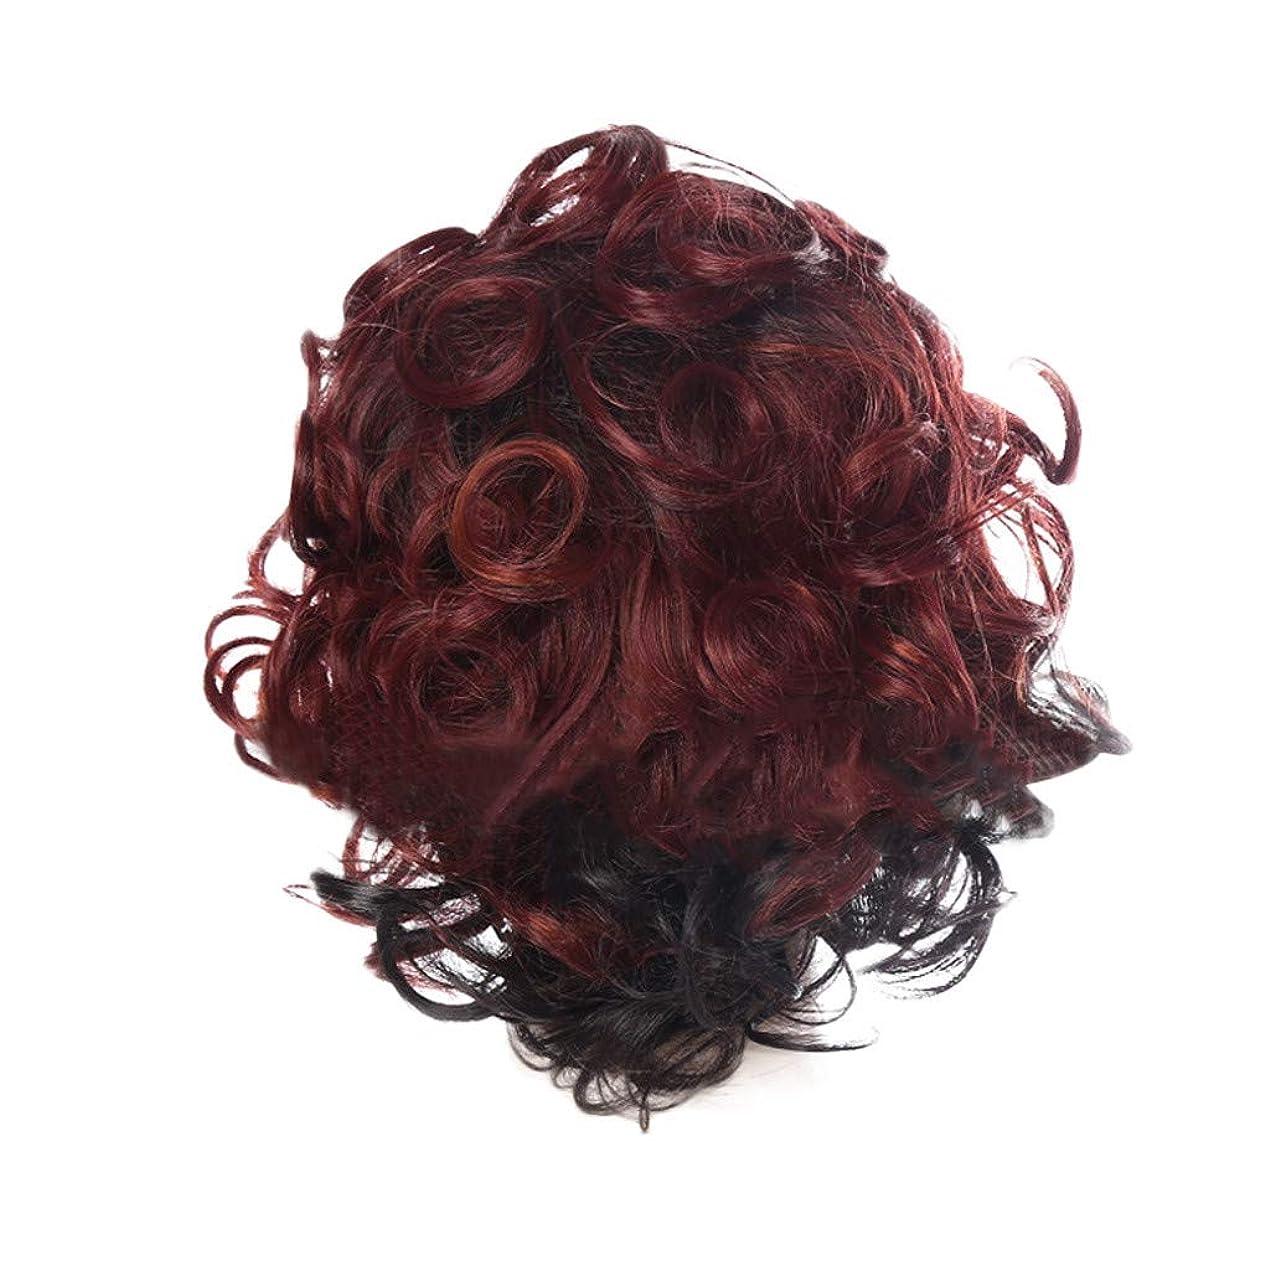 月ルーキーペパーミント女性の赤い短い巻き毛の人格爆発ヘッドかつら35 cmをかつら